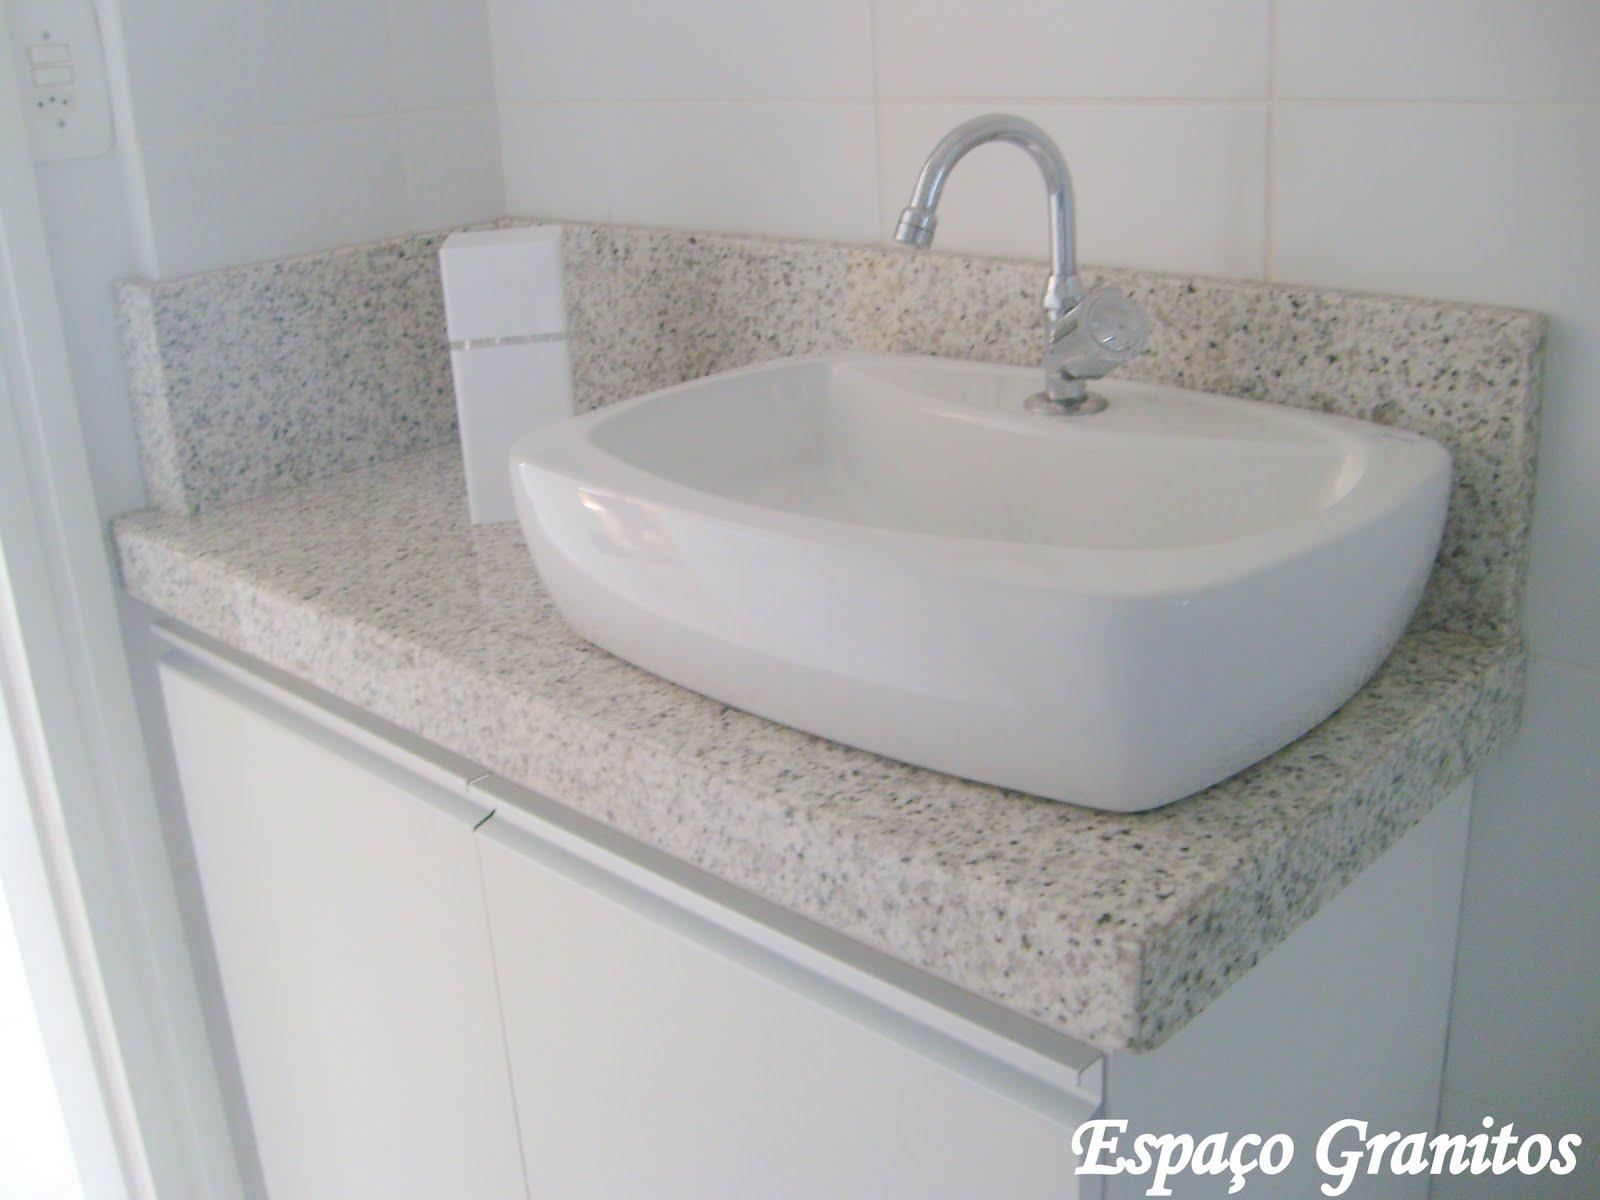 Granitos e Mármores: Lavabos #5B5E51 1600x1200 Banheiro Branco Itaunas